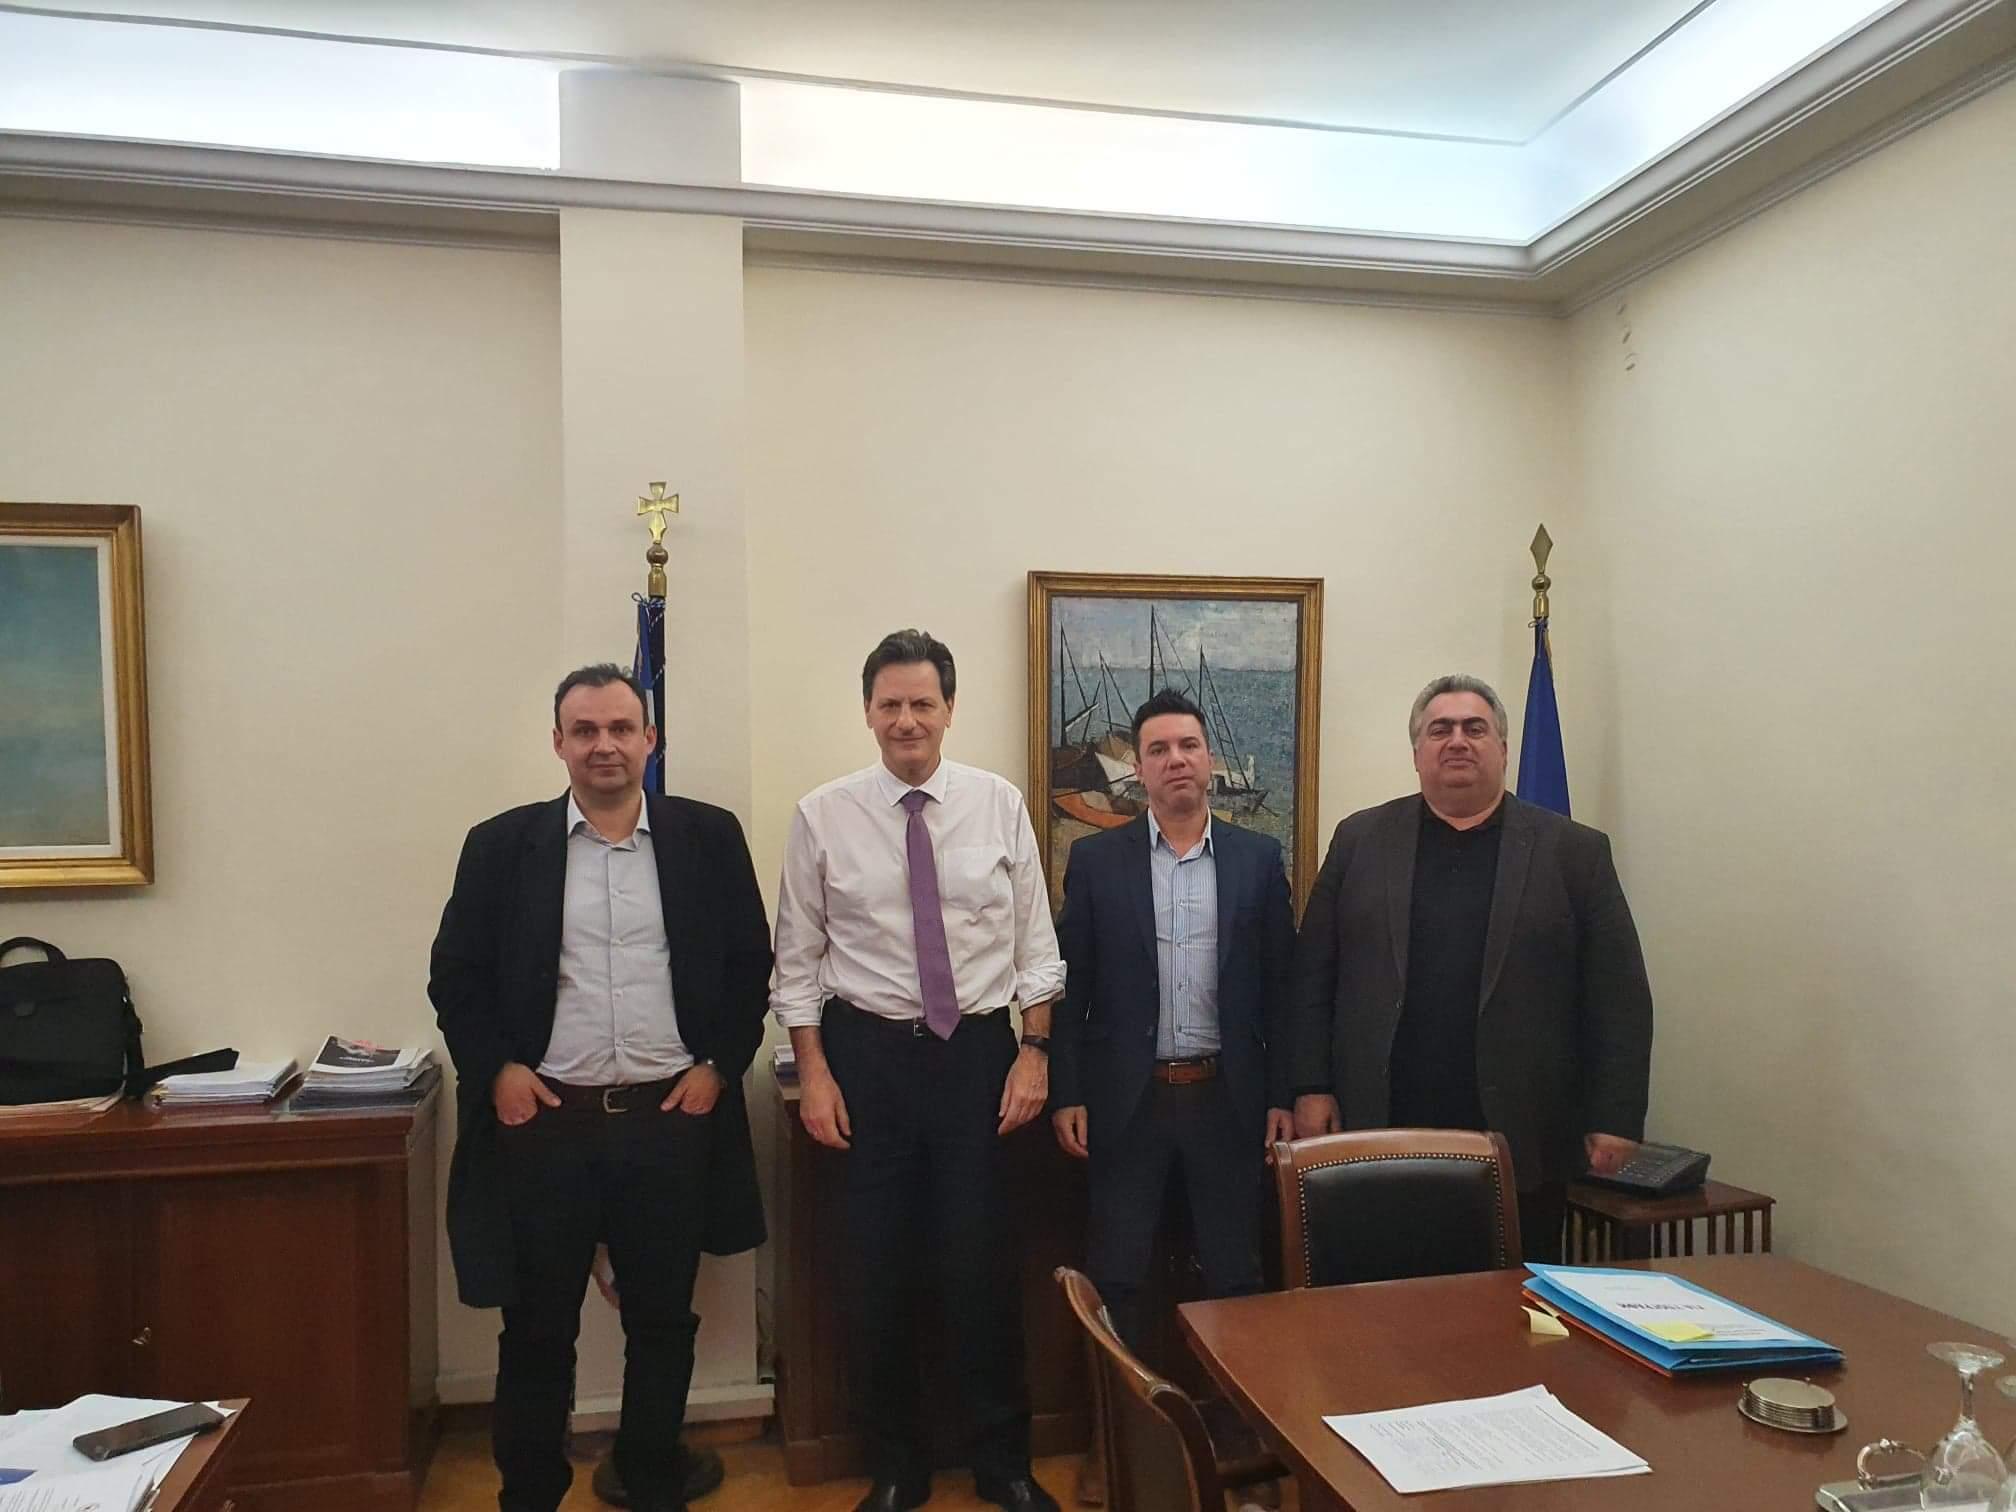 Συνάντηση με τον Υφυπουργό Οικονομικών κ. Θόδωρο Σκυλακάκη.